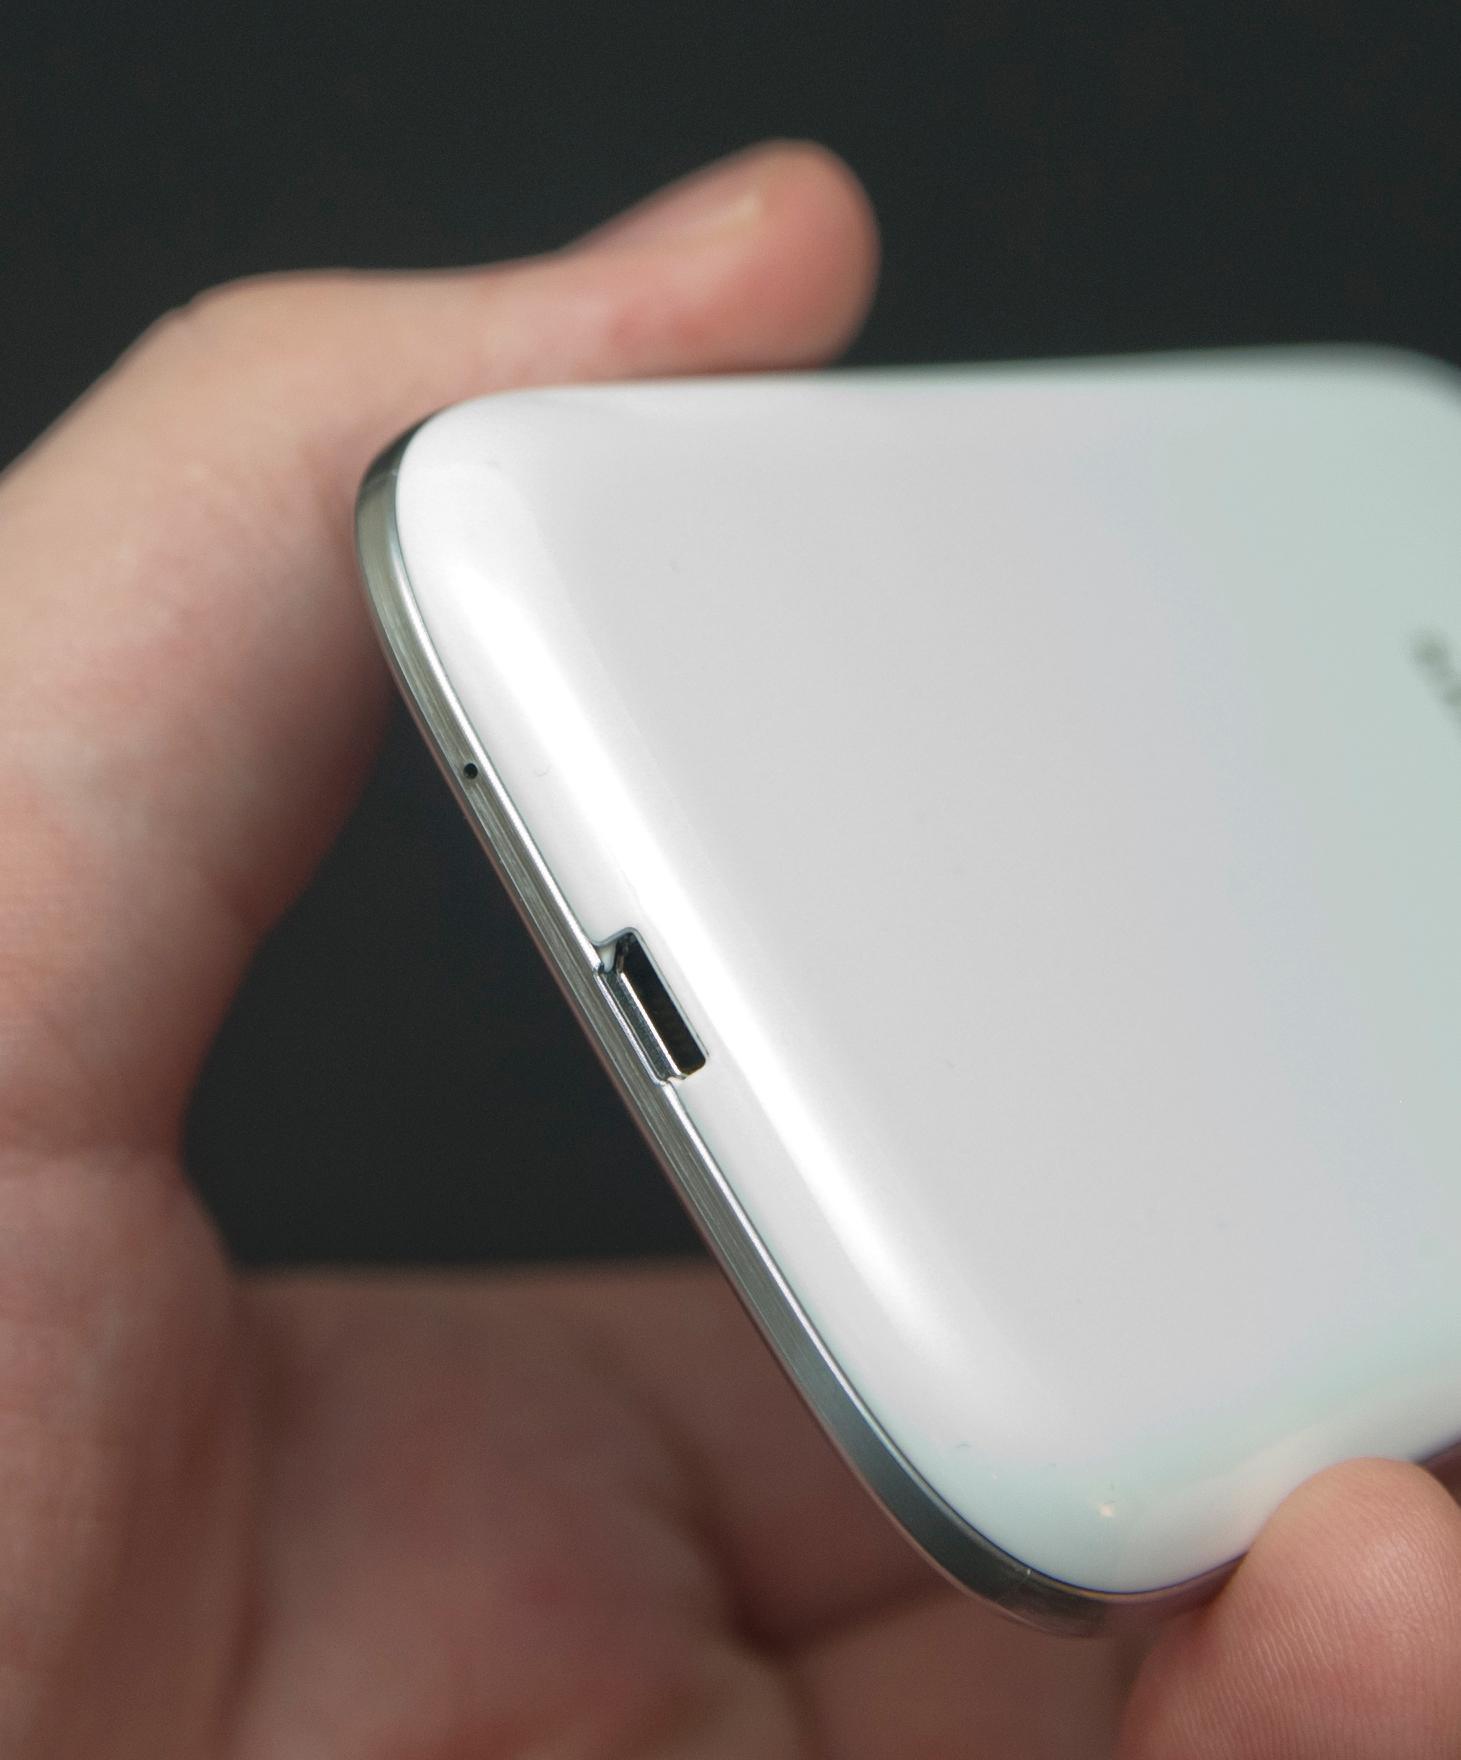 Før lanseringen ble det spekulert i at Samsung ville flytte på USB-porten som tradisjonelt har hatt sin plass nederst i midten. Det gjorde de ikke.